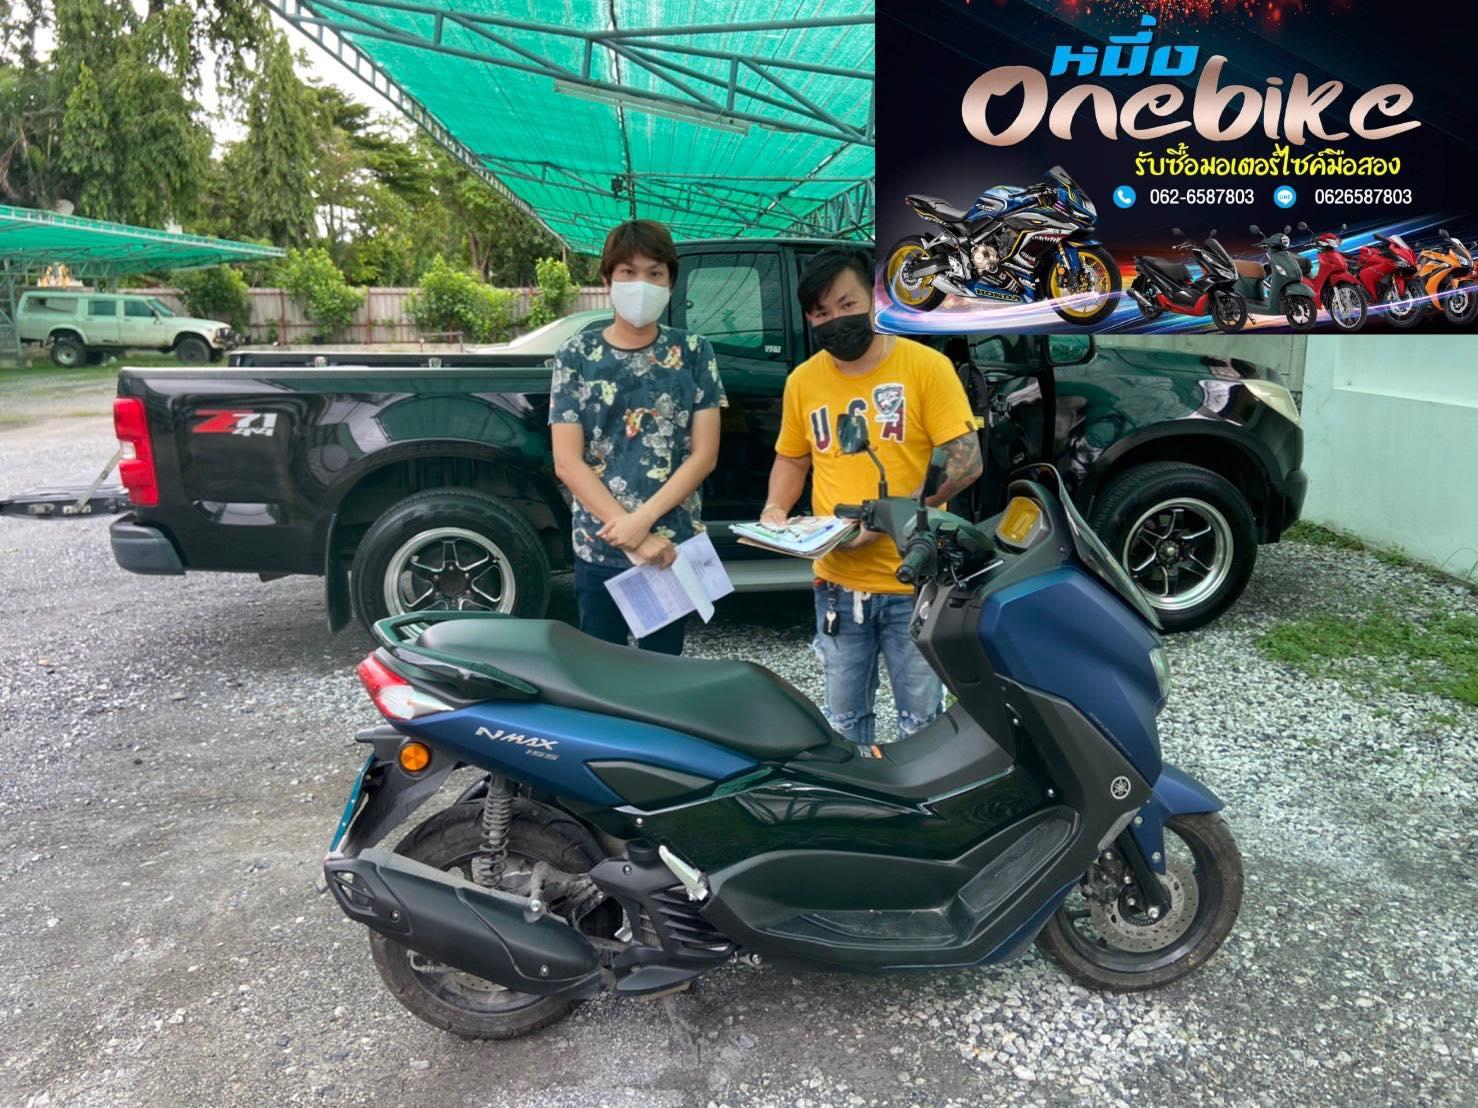 ONEBIKE รับซื้อรถมอเตอร์ไซค์ NMAX155